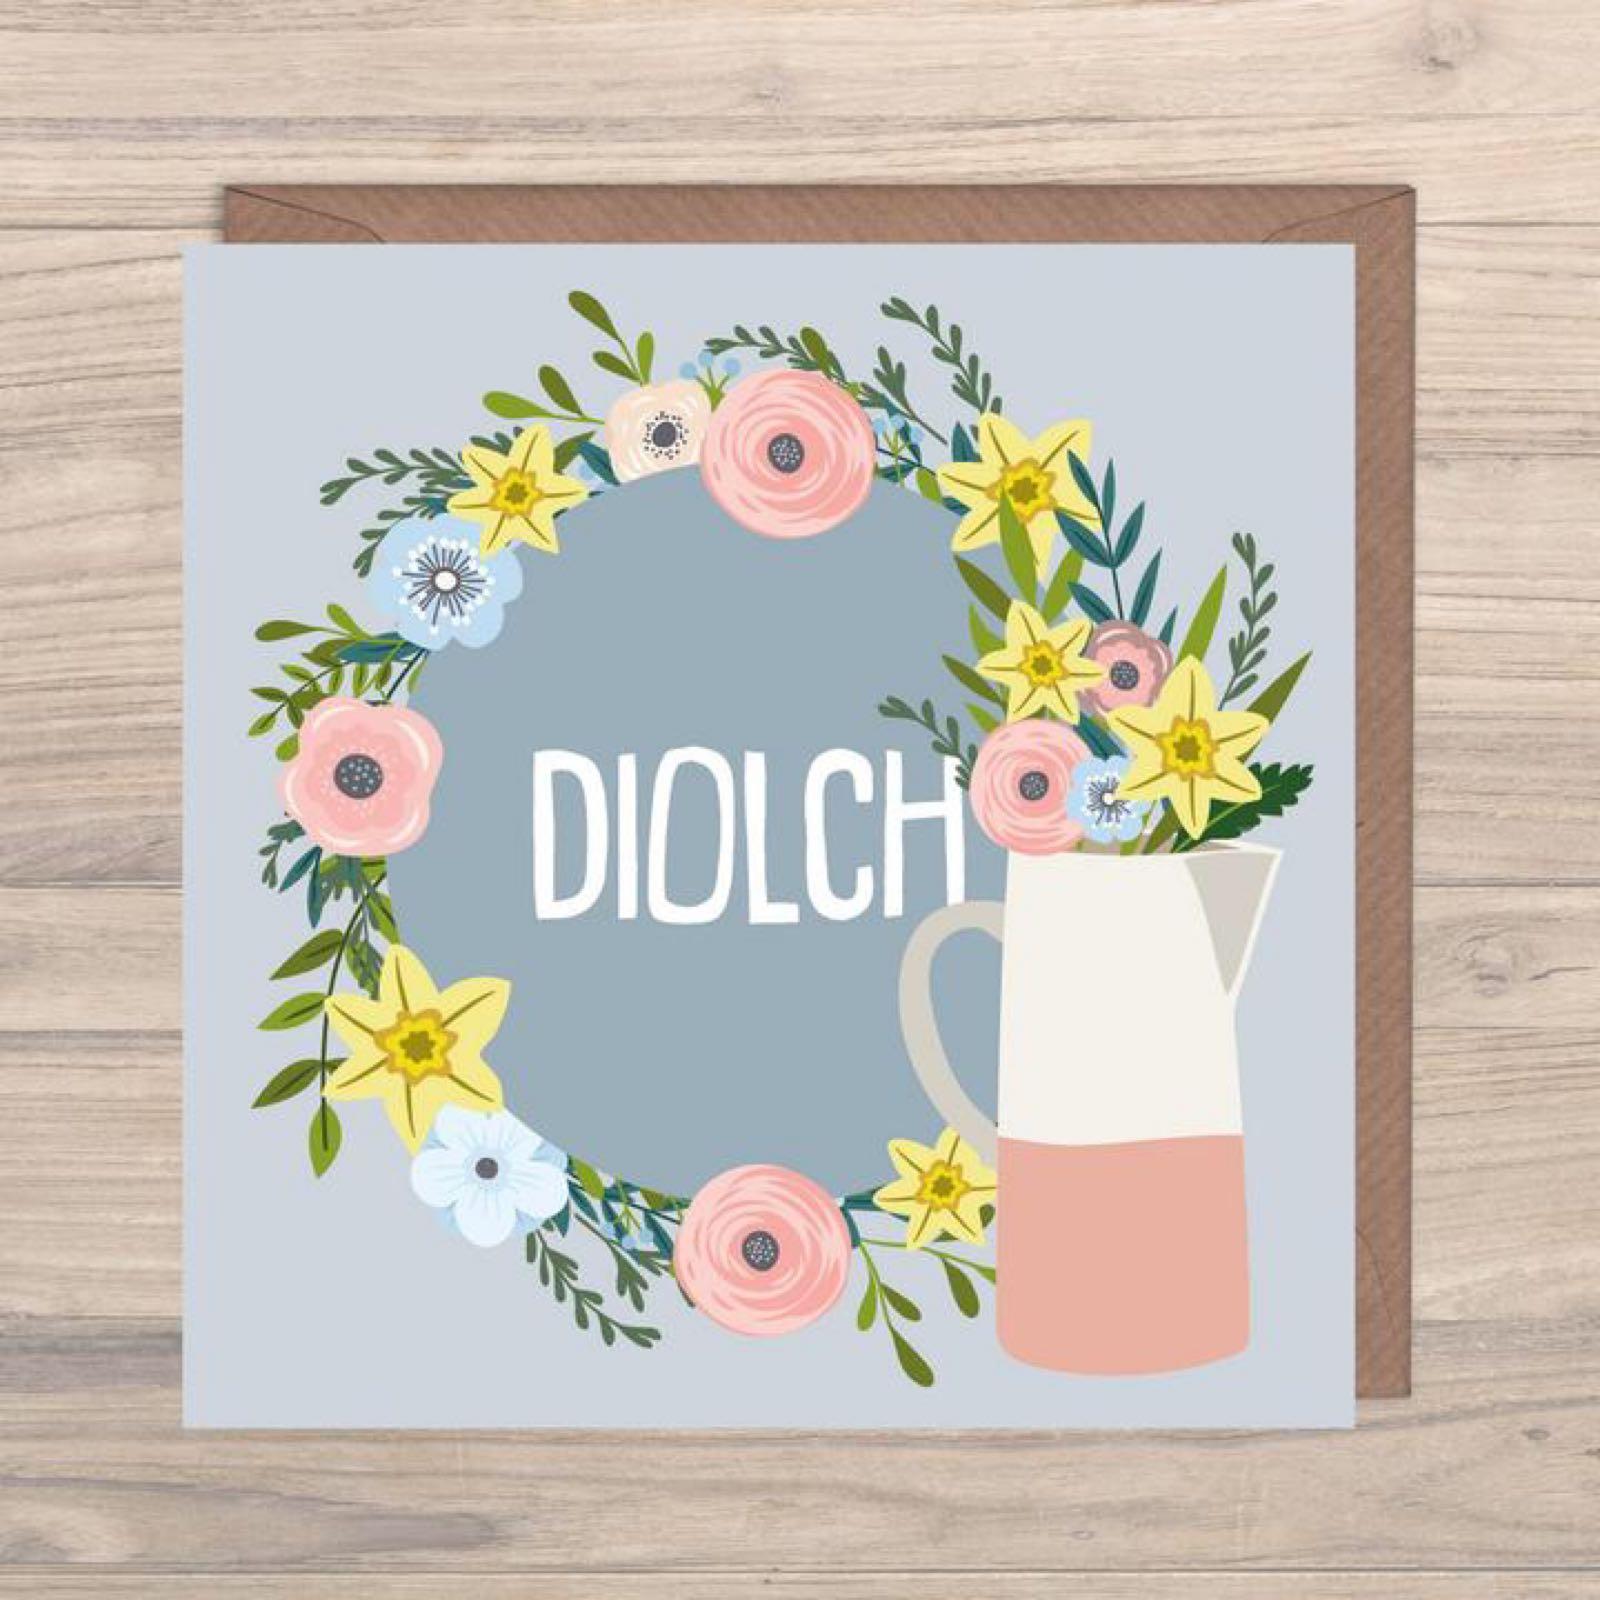 Diolch (MR_016)